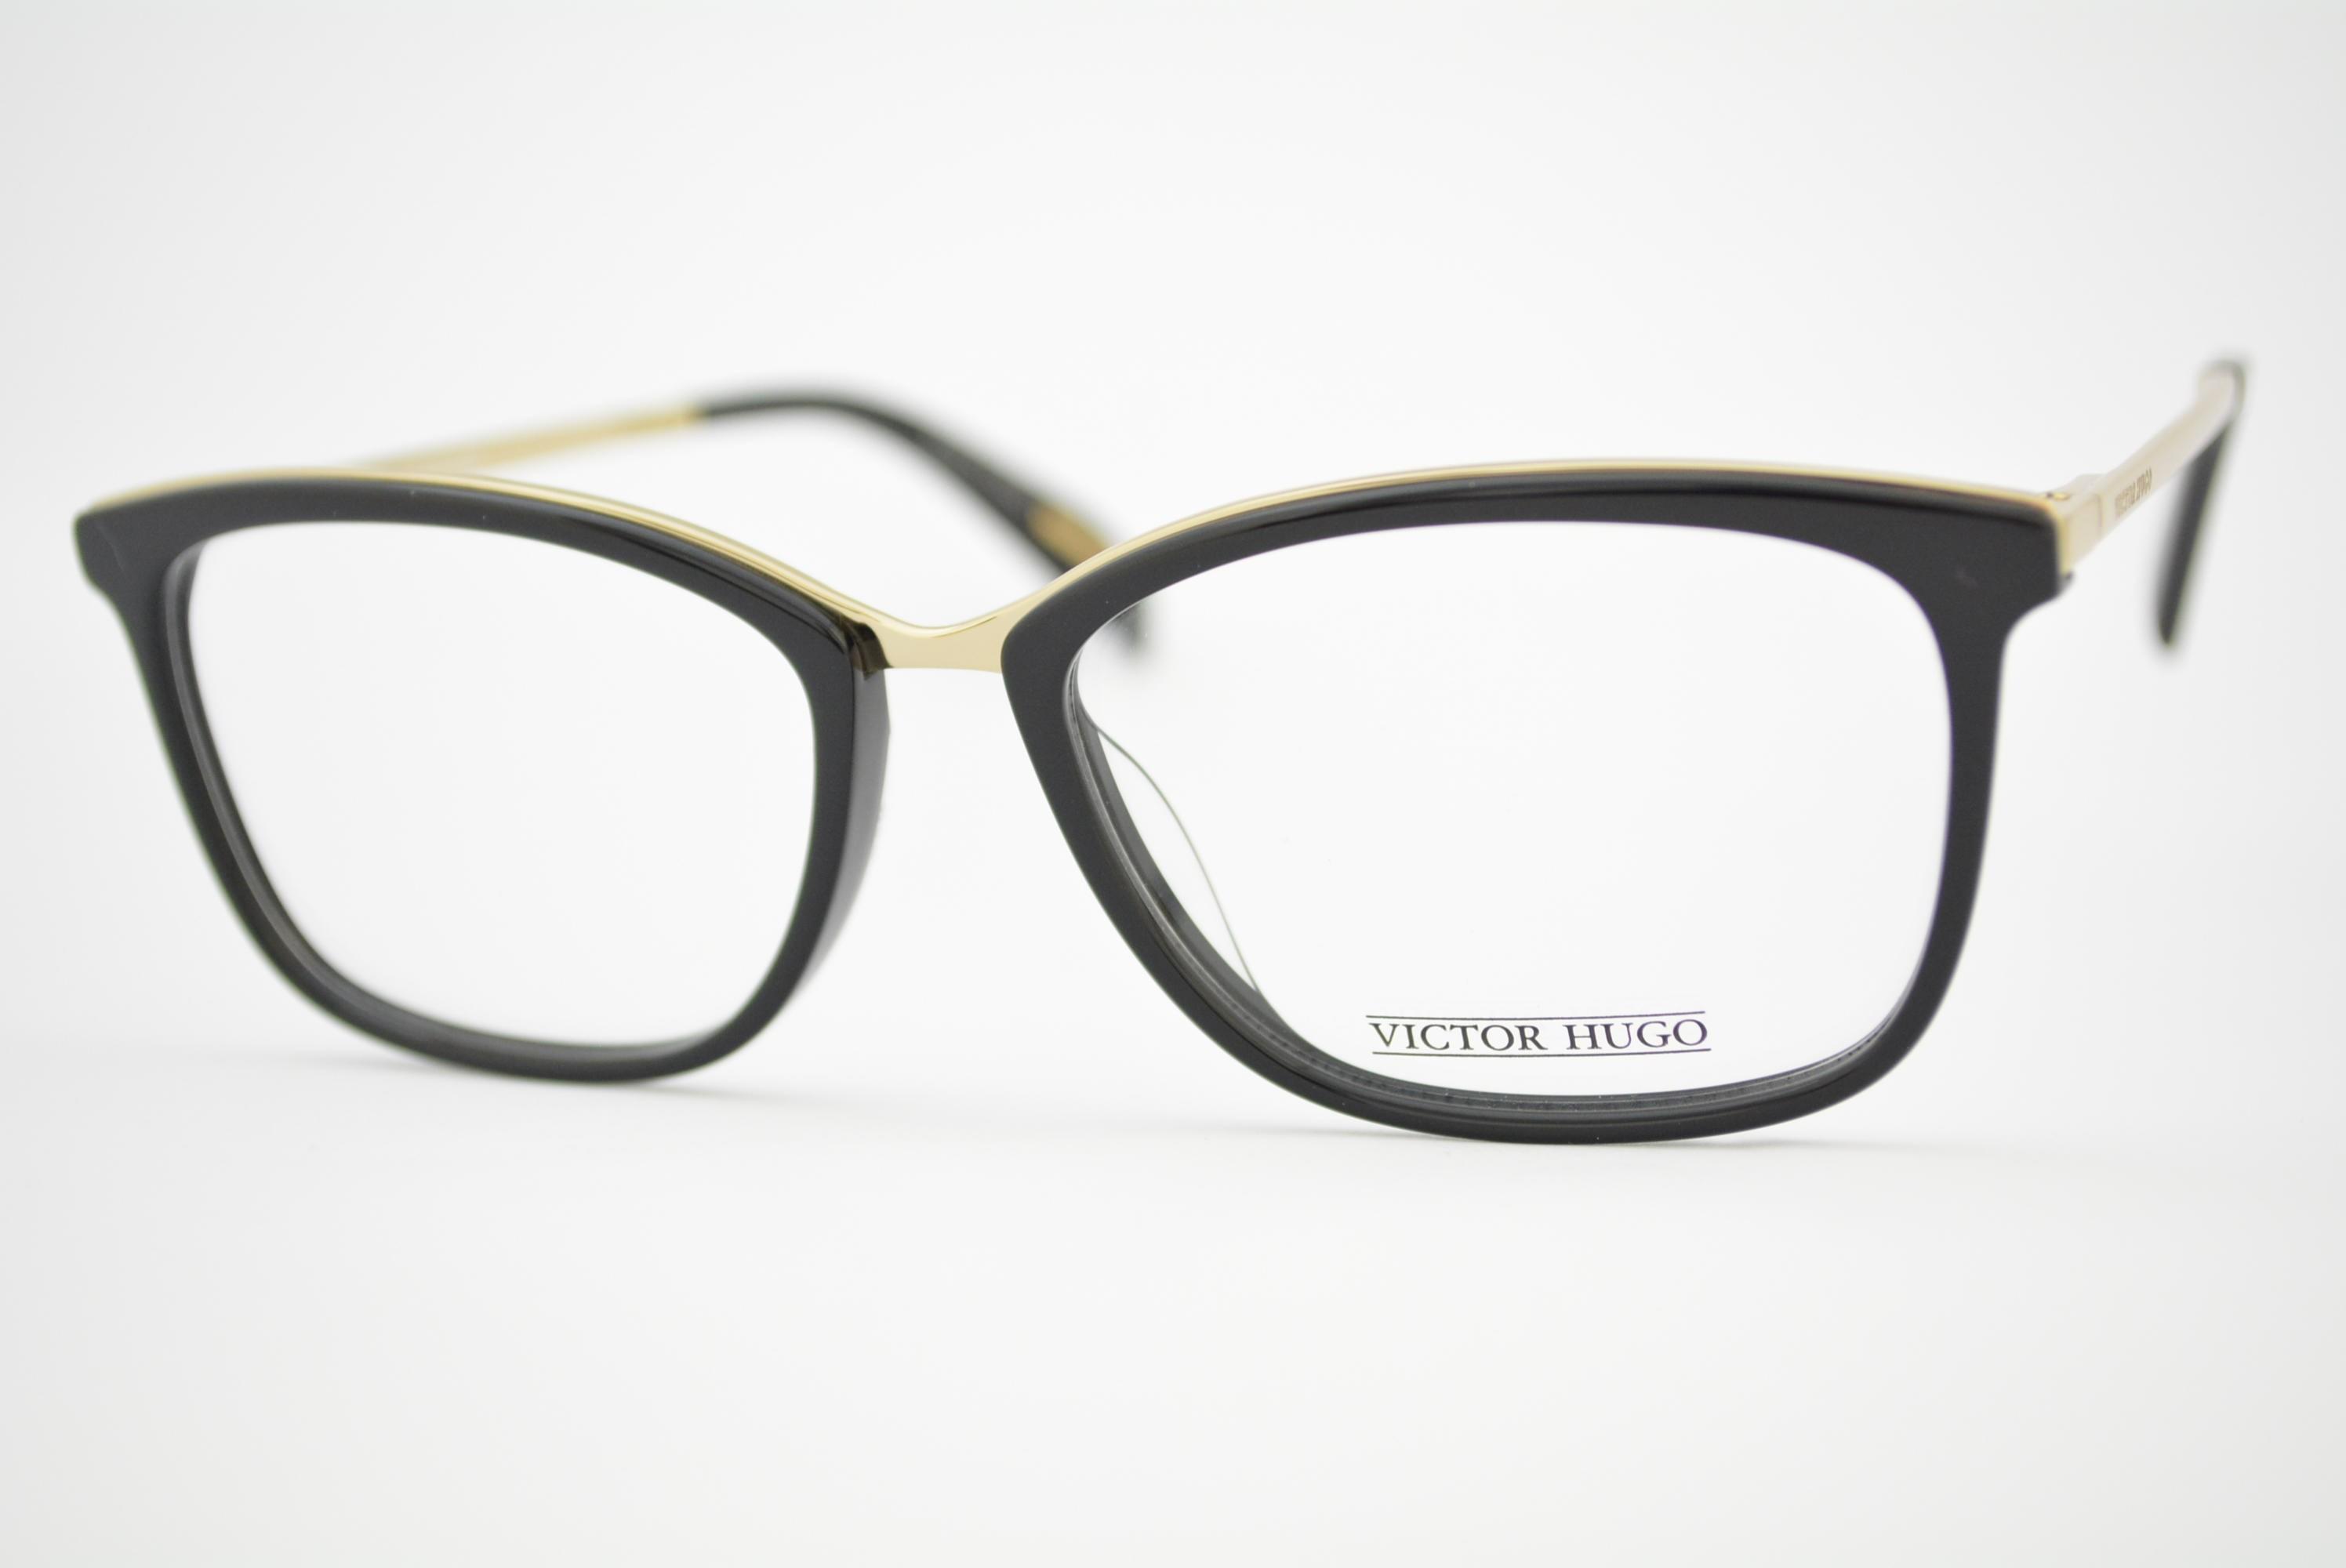 32736836f4174 armação de óculos Victor Hugo mod vh1254 col.0700 Ótica Cardoso